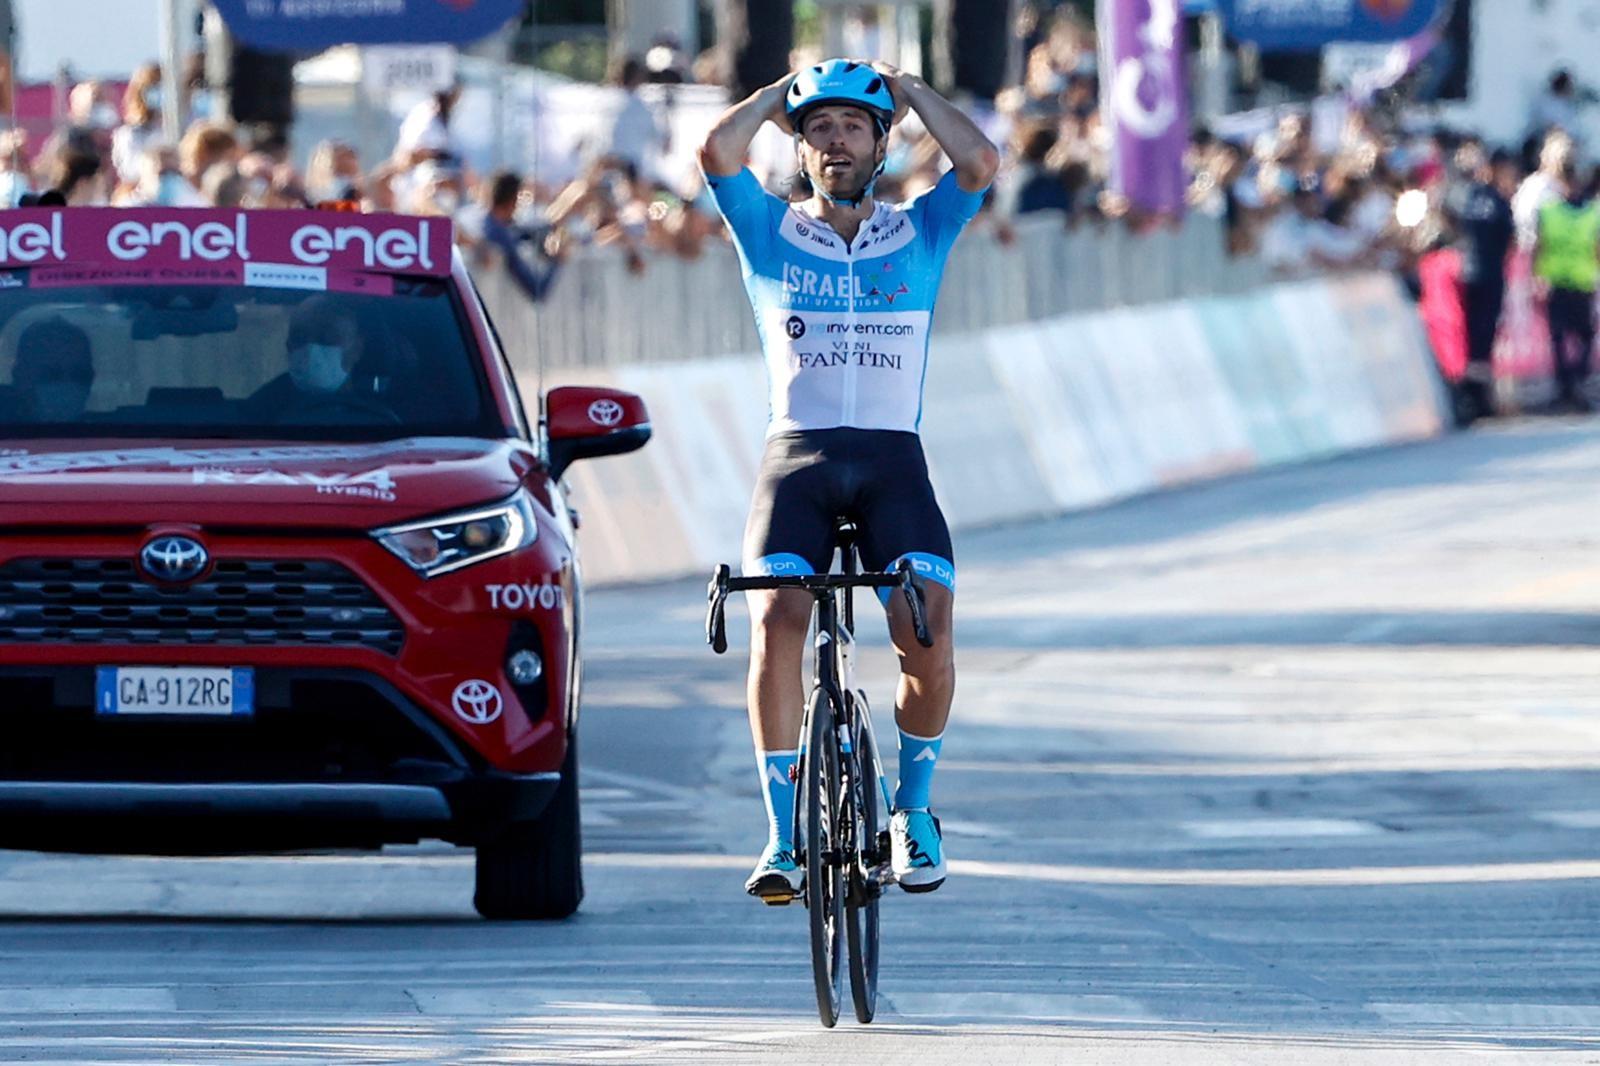 Dowsett vybojoval pro tým Israel Start-Up Nation první vítězství ve World Tour. Foto: Israel Start-Up Nation